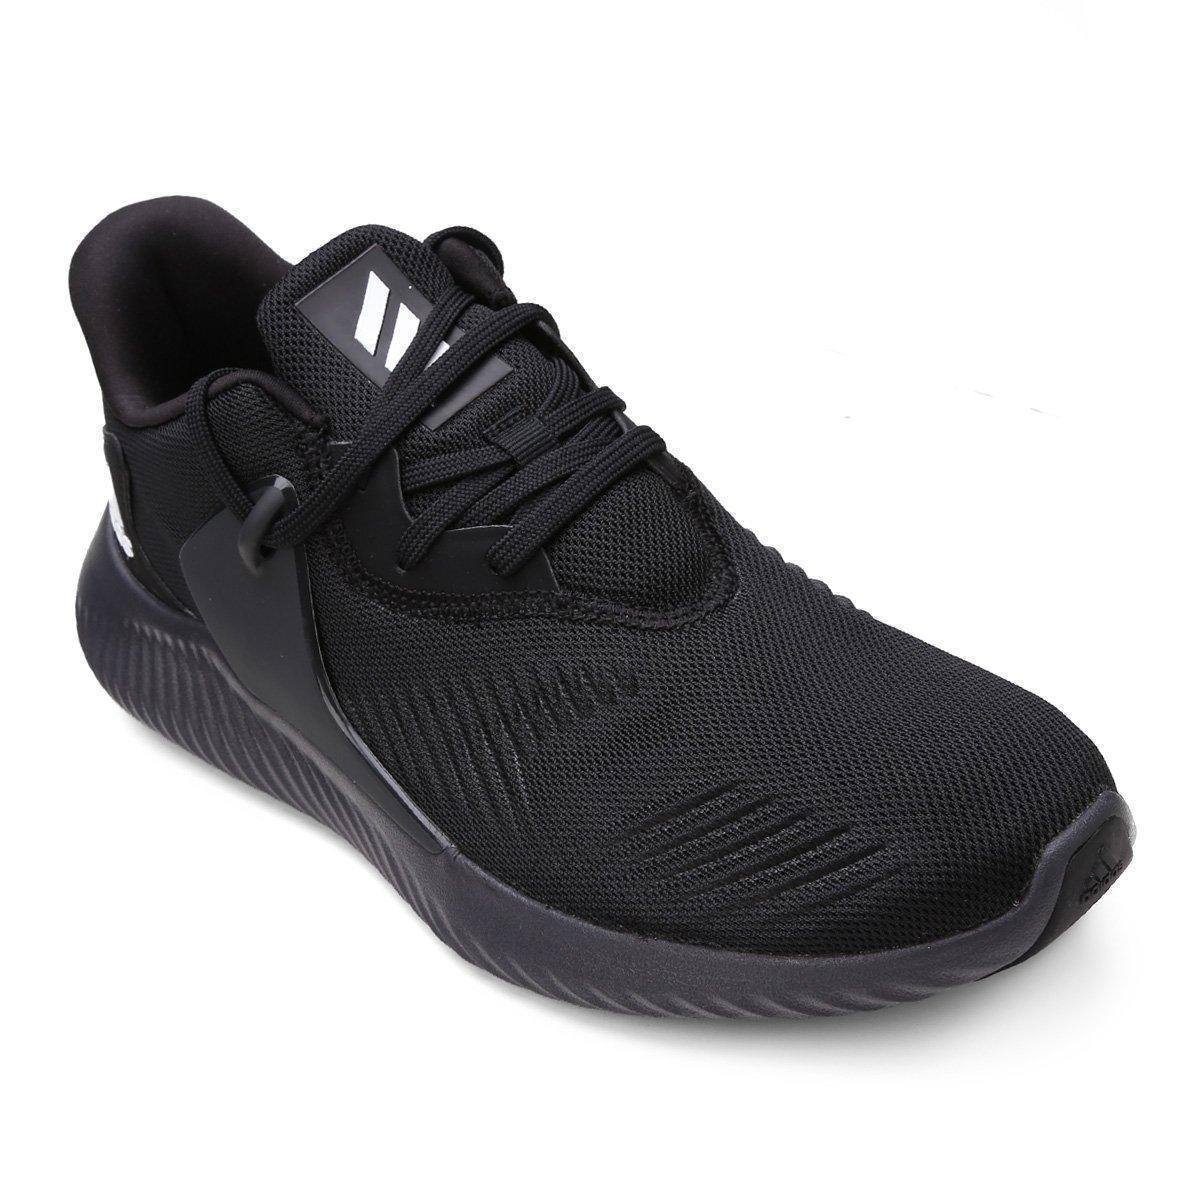 4d9fe998014 Tênis Adidas Alphabounce Rc 2 Masculino - Shopping TudoAzul